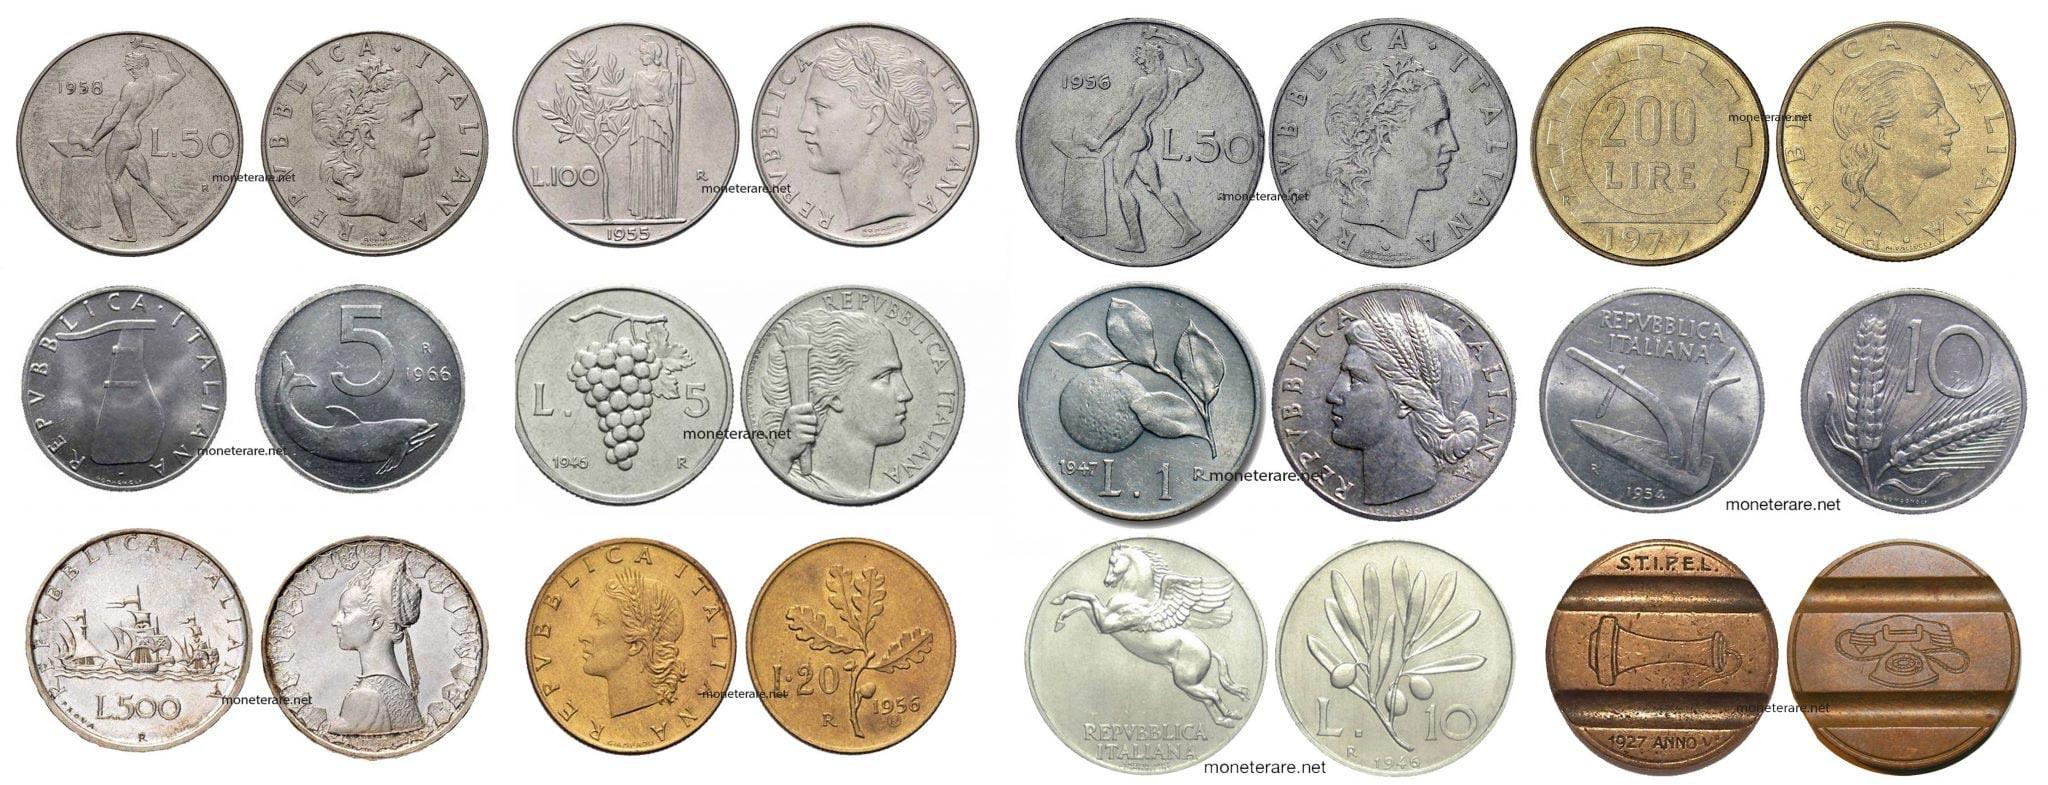 Lire Rare - Scopri il valore delle Monete delle Lire